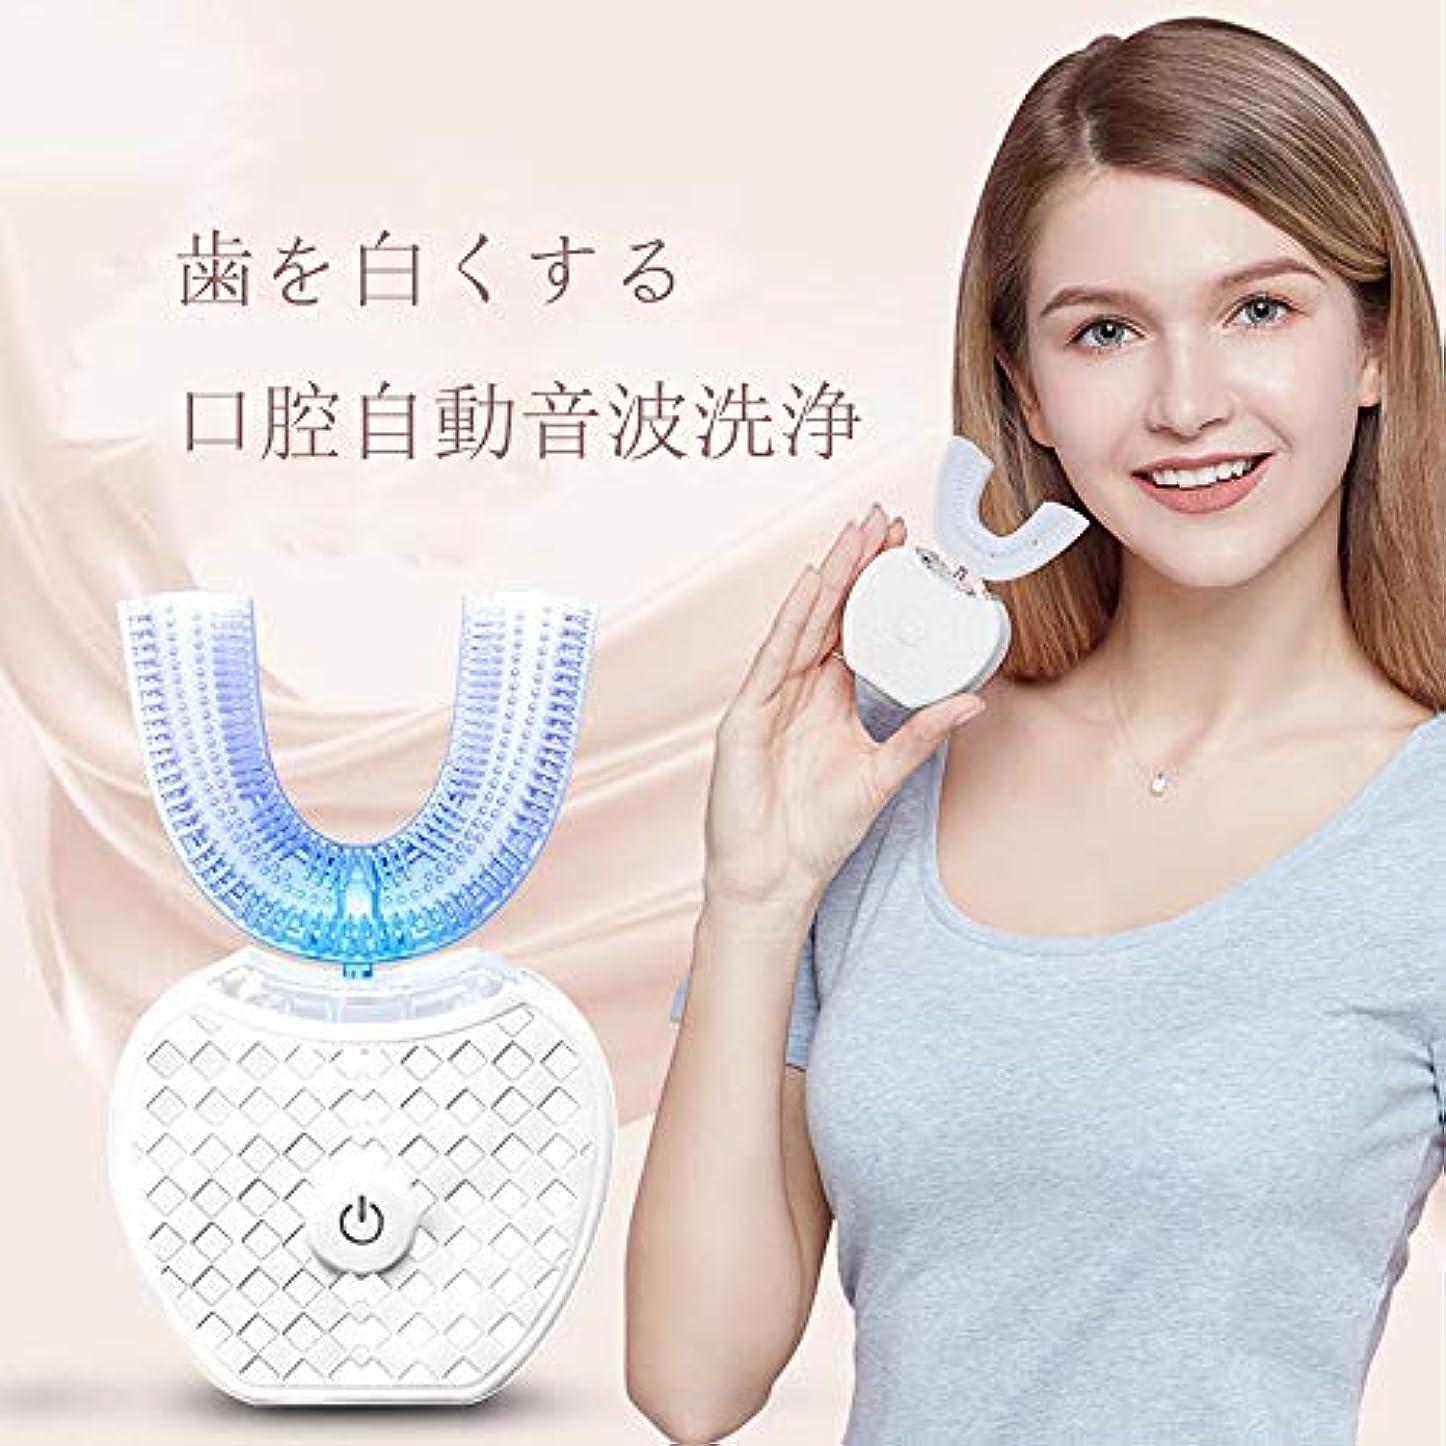 に向かってゲート最大限アップグレード 口腔洗浄器 デンタルケア 電動歯ブラシ ナノブルーレイ美歯 ワイヤレス充電 虫歯予防 U型 360°全方位 ホワイト